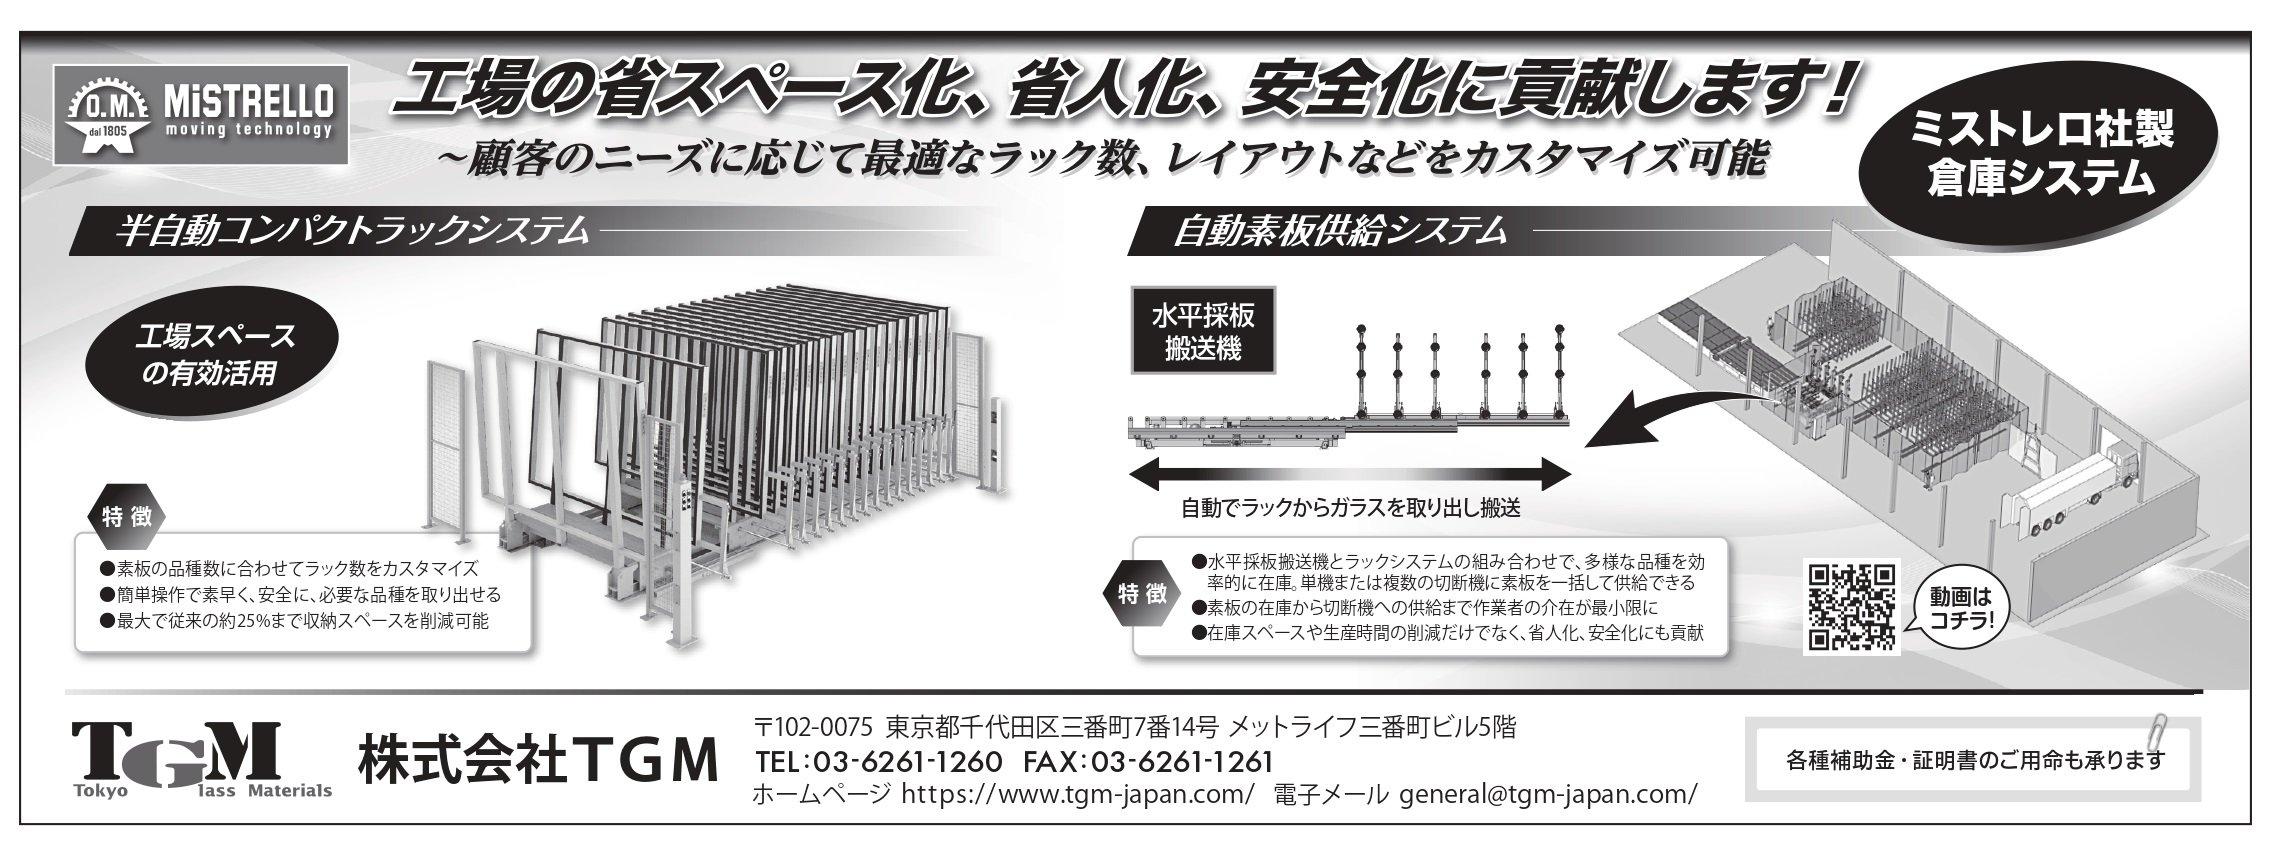 2021.06.20-27 合併号 ガラス・建装時報 AD.pdf_page-0001.jpg